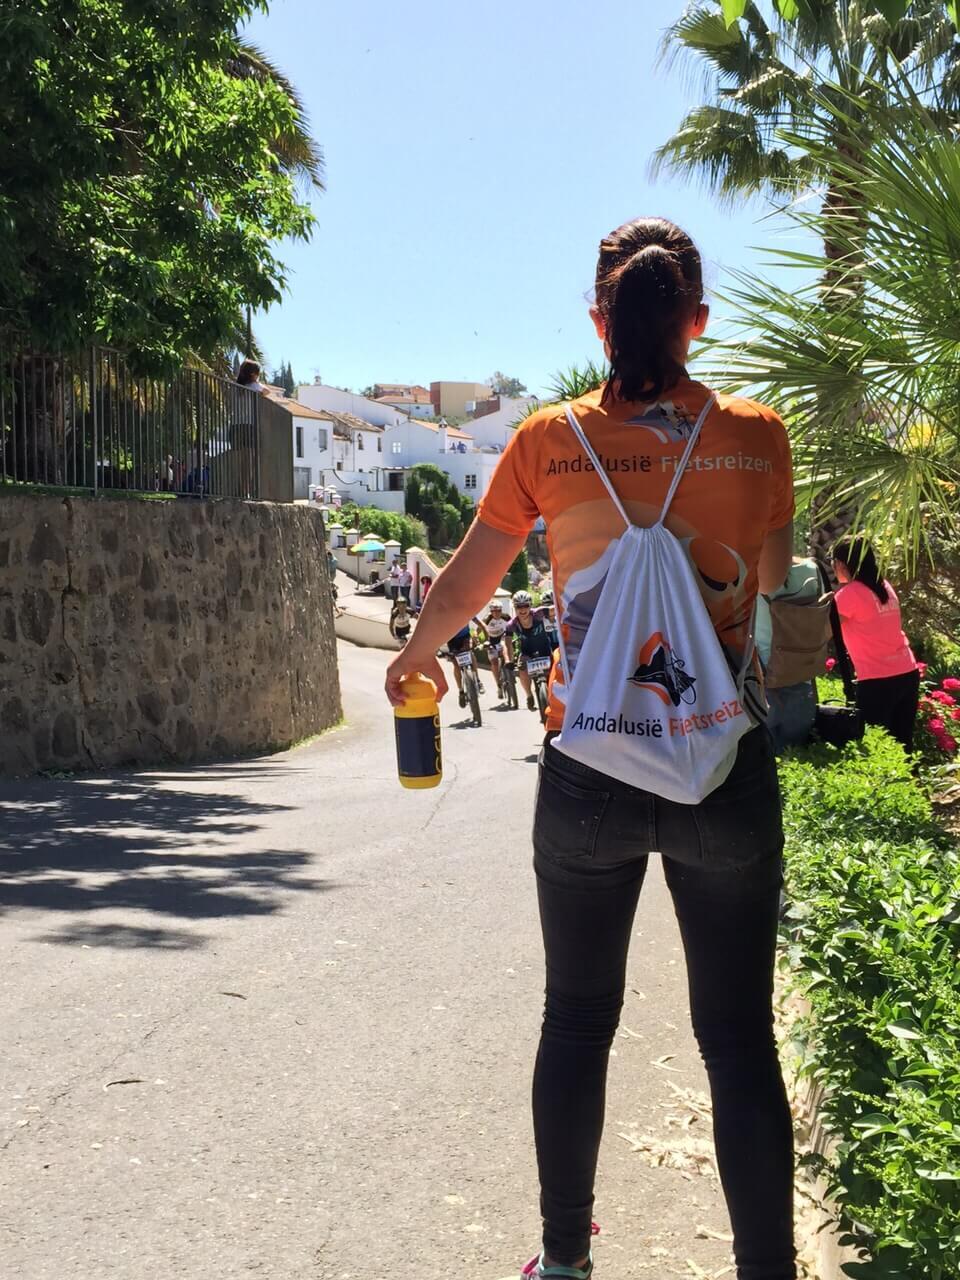 bidon andalusie fietsreizen